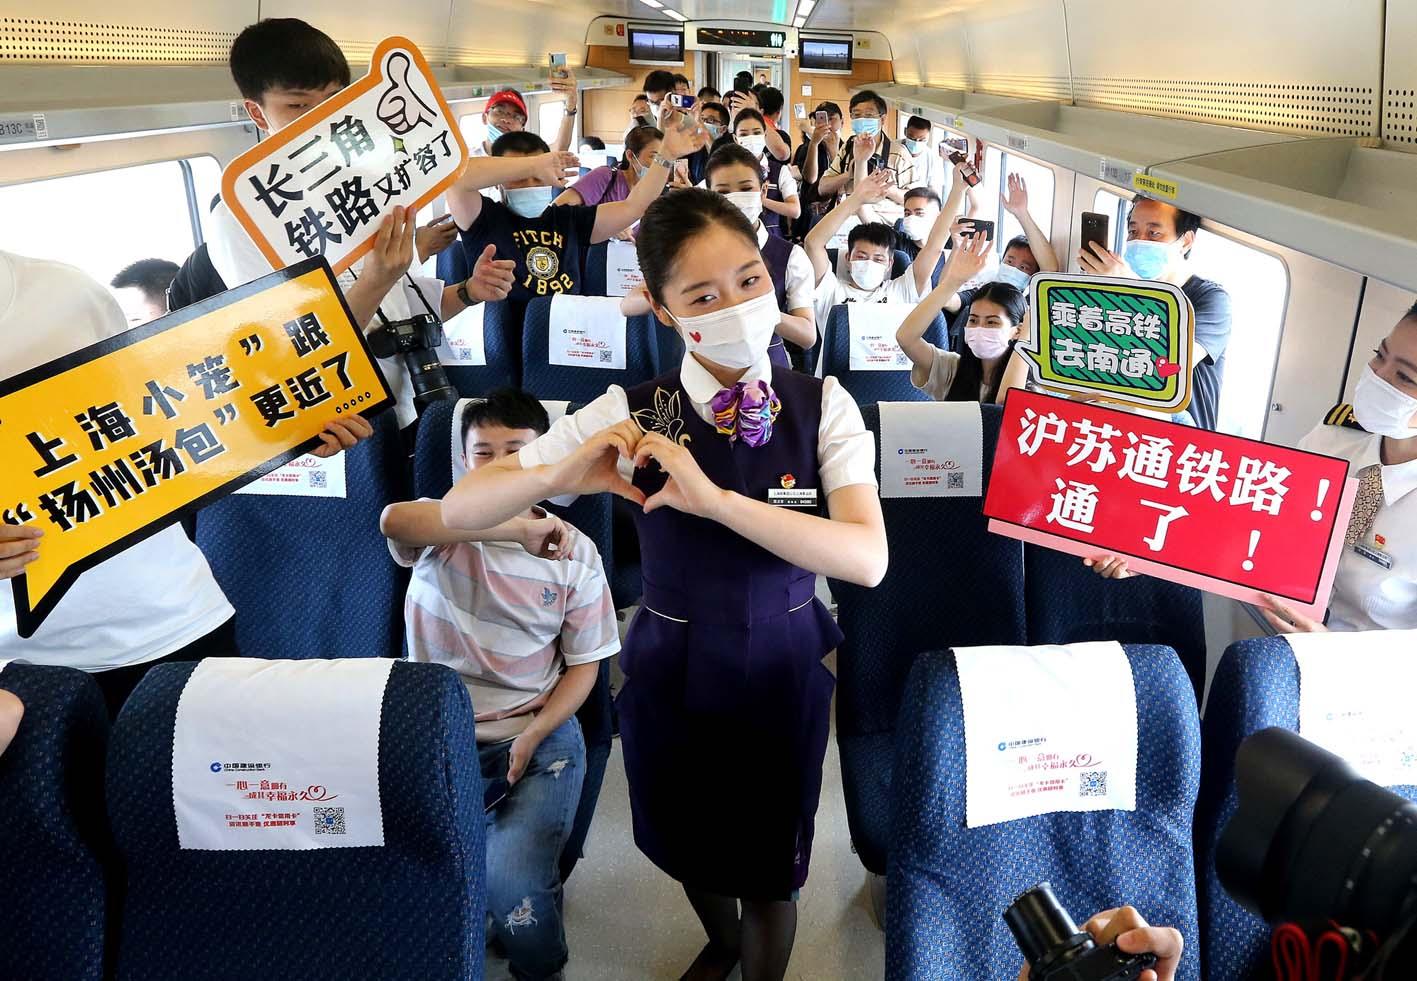 滬蘇通鐵路通了! 揚州包子與上海小籠距離更近了